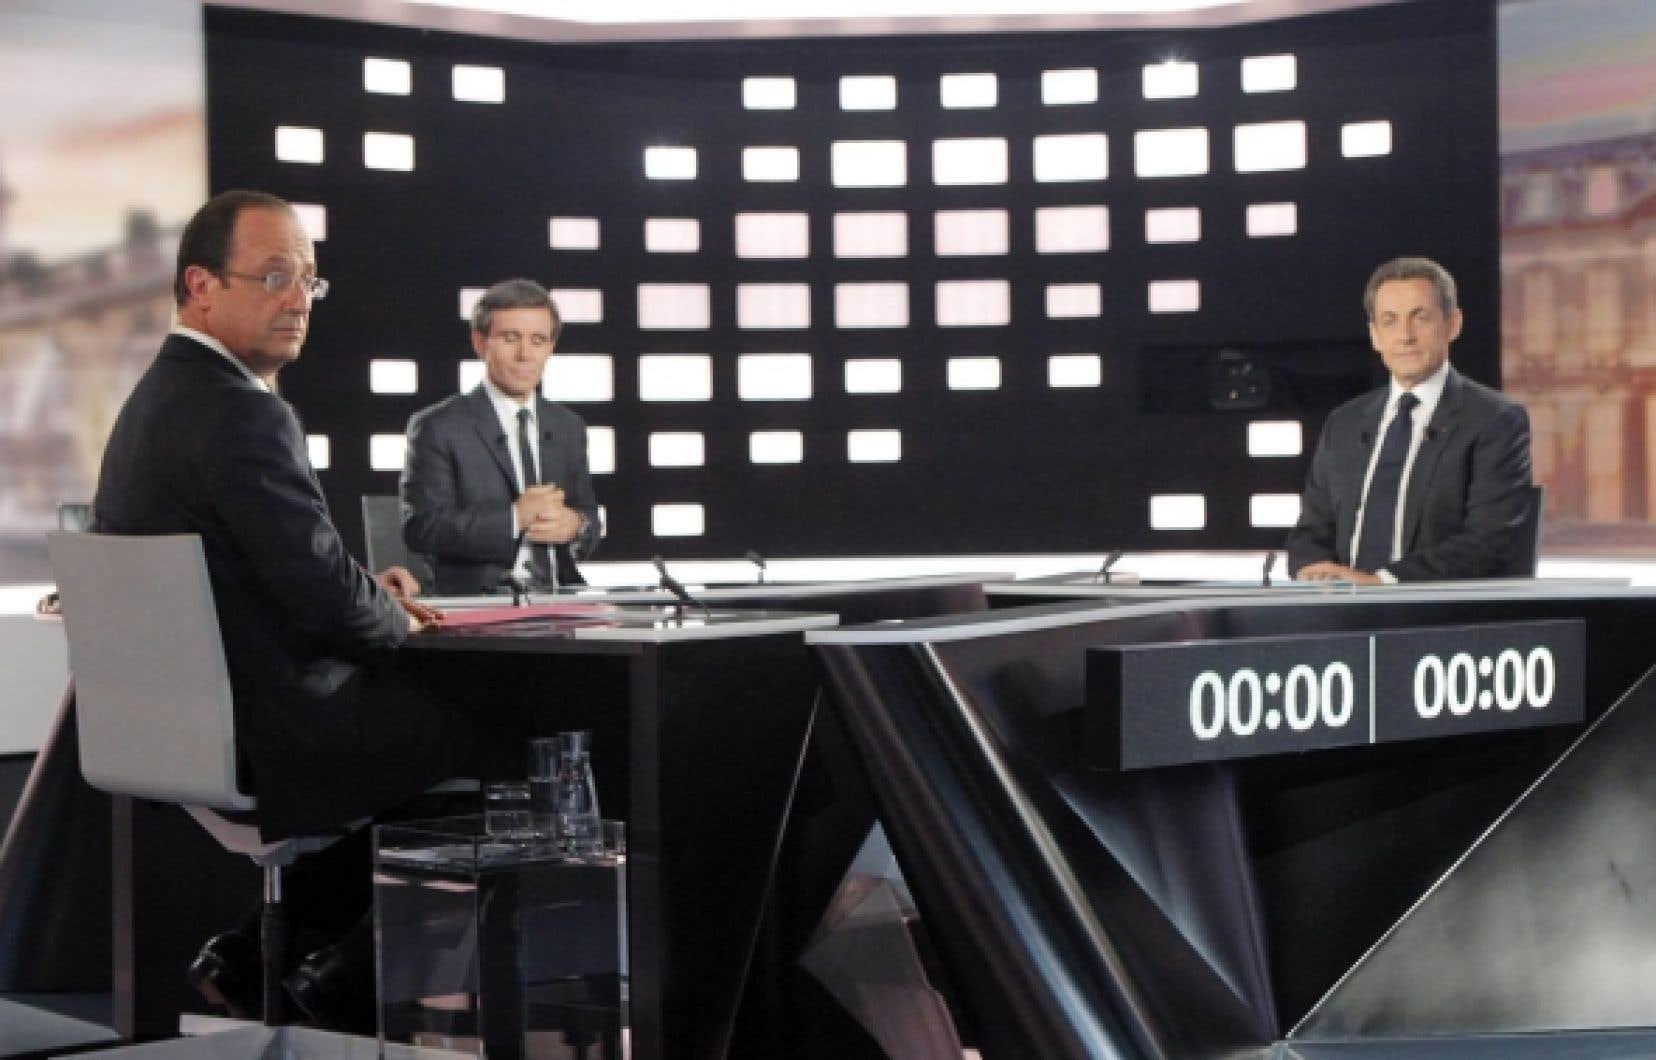 François Hollande et Nicolas Sarkozy lors du débat télévisé les ayant opposés mercredi. Rien ne pourrait plus contraster entre le président sortant et le président putatif.